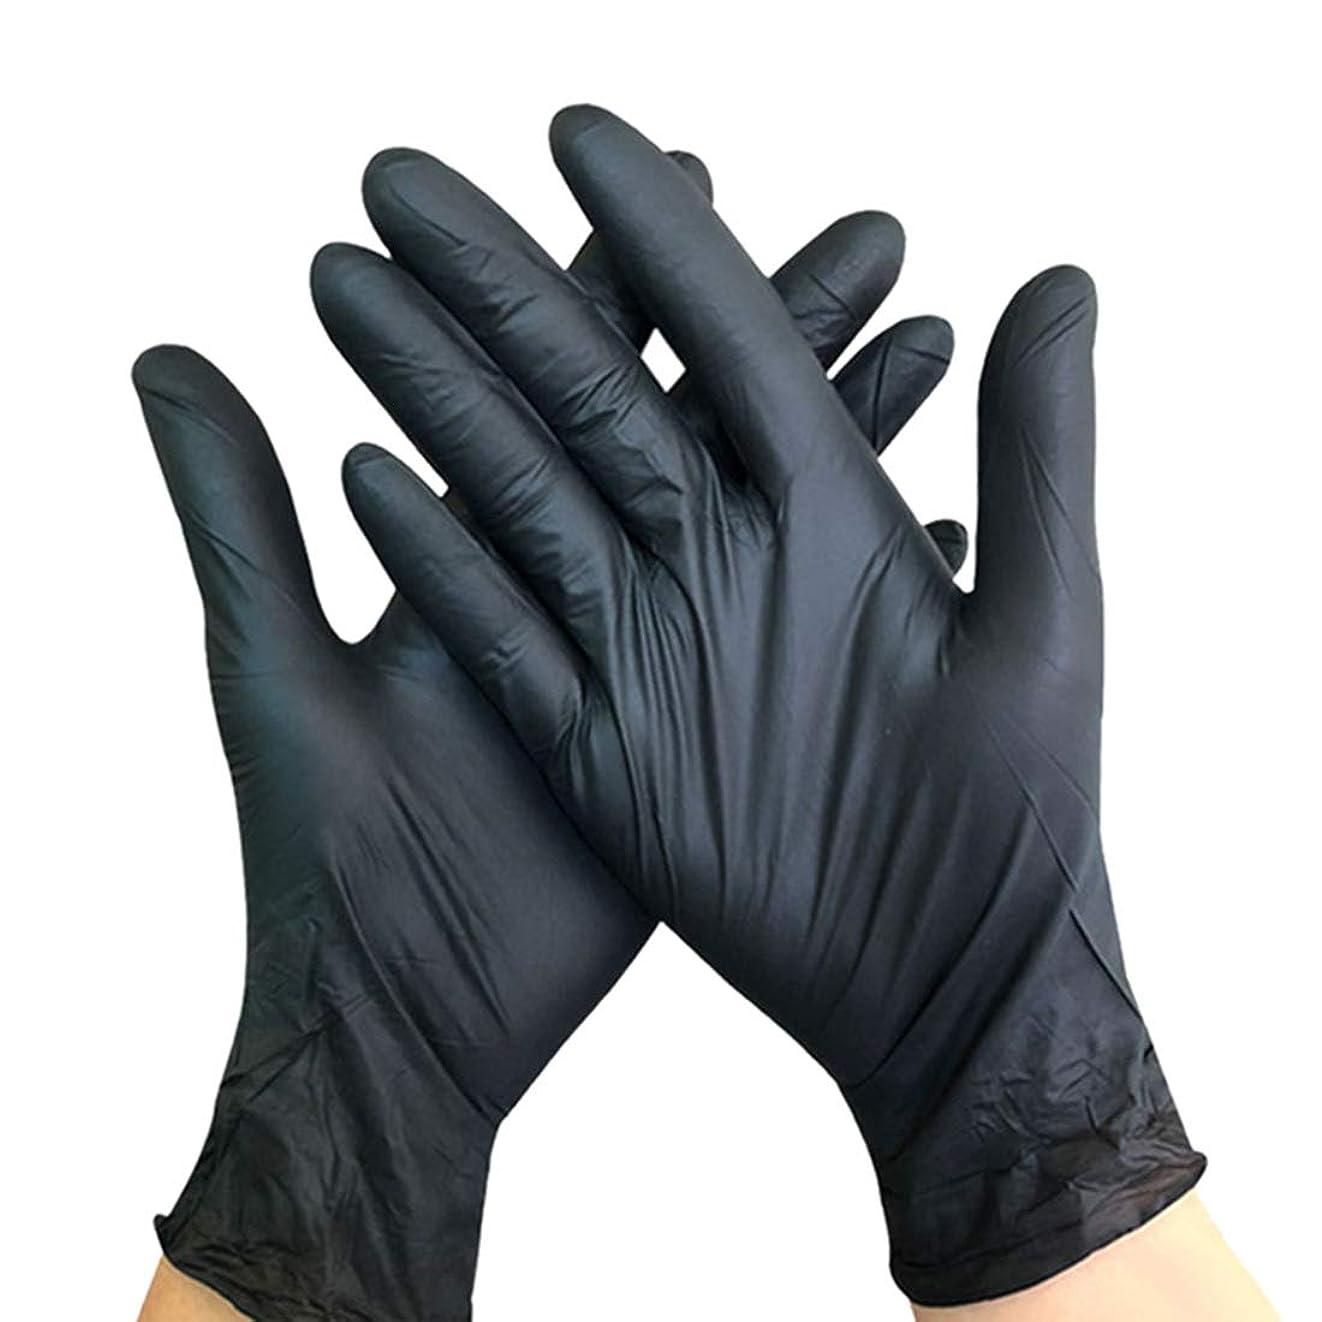 空港なぞらえる老人Yuena Care 使い捨て手袋 100枚入 ニトリルグローブ 粉なし 作業手袋 耐油 料理 掃除 衛生 工業用 医療用 美容用 レストラン用 左右兼用 M